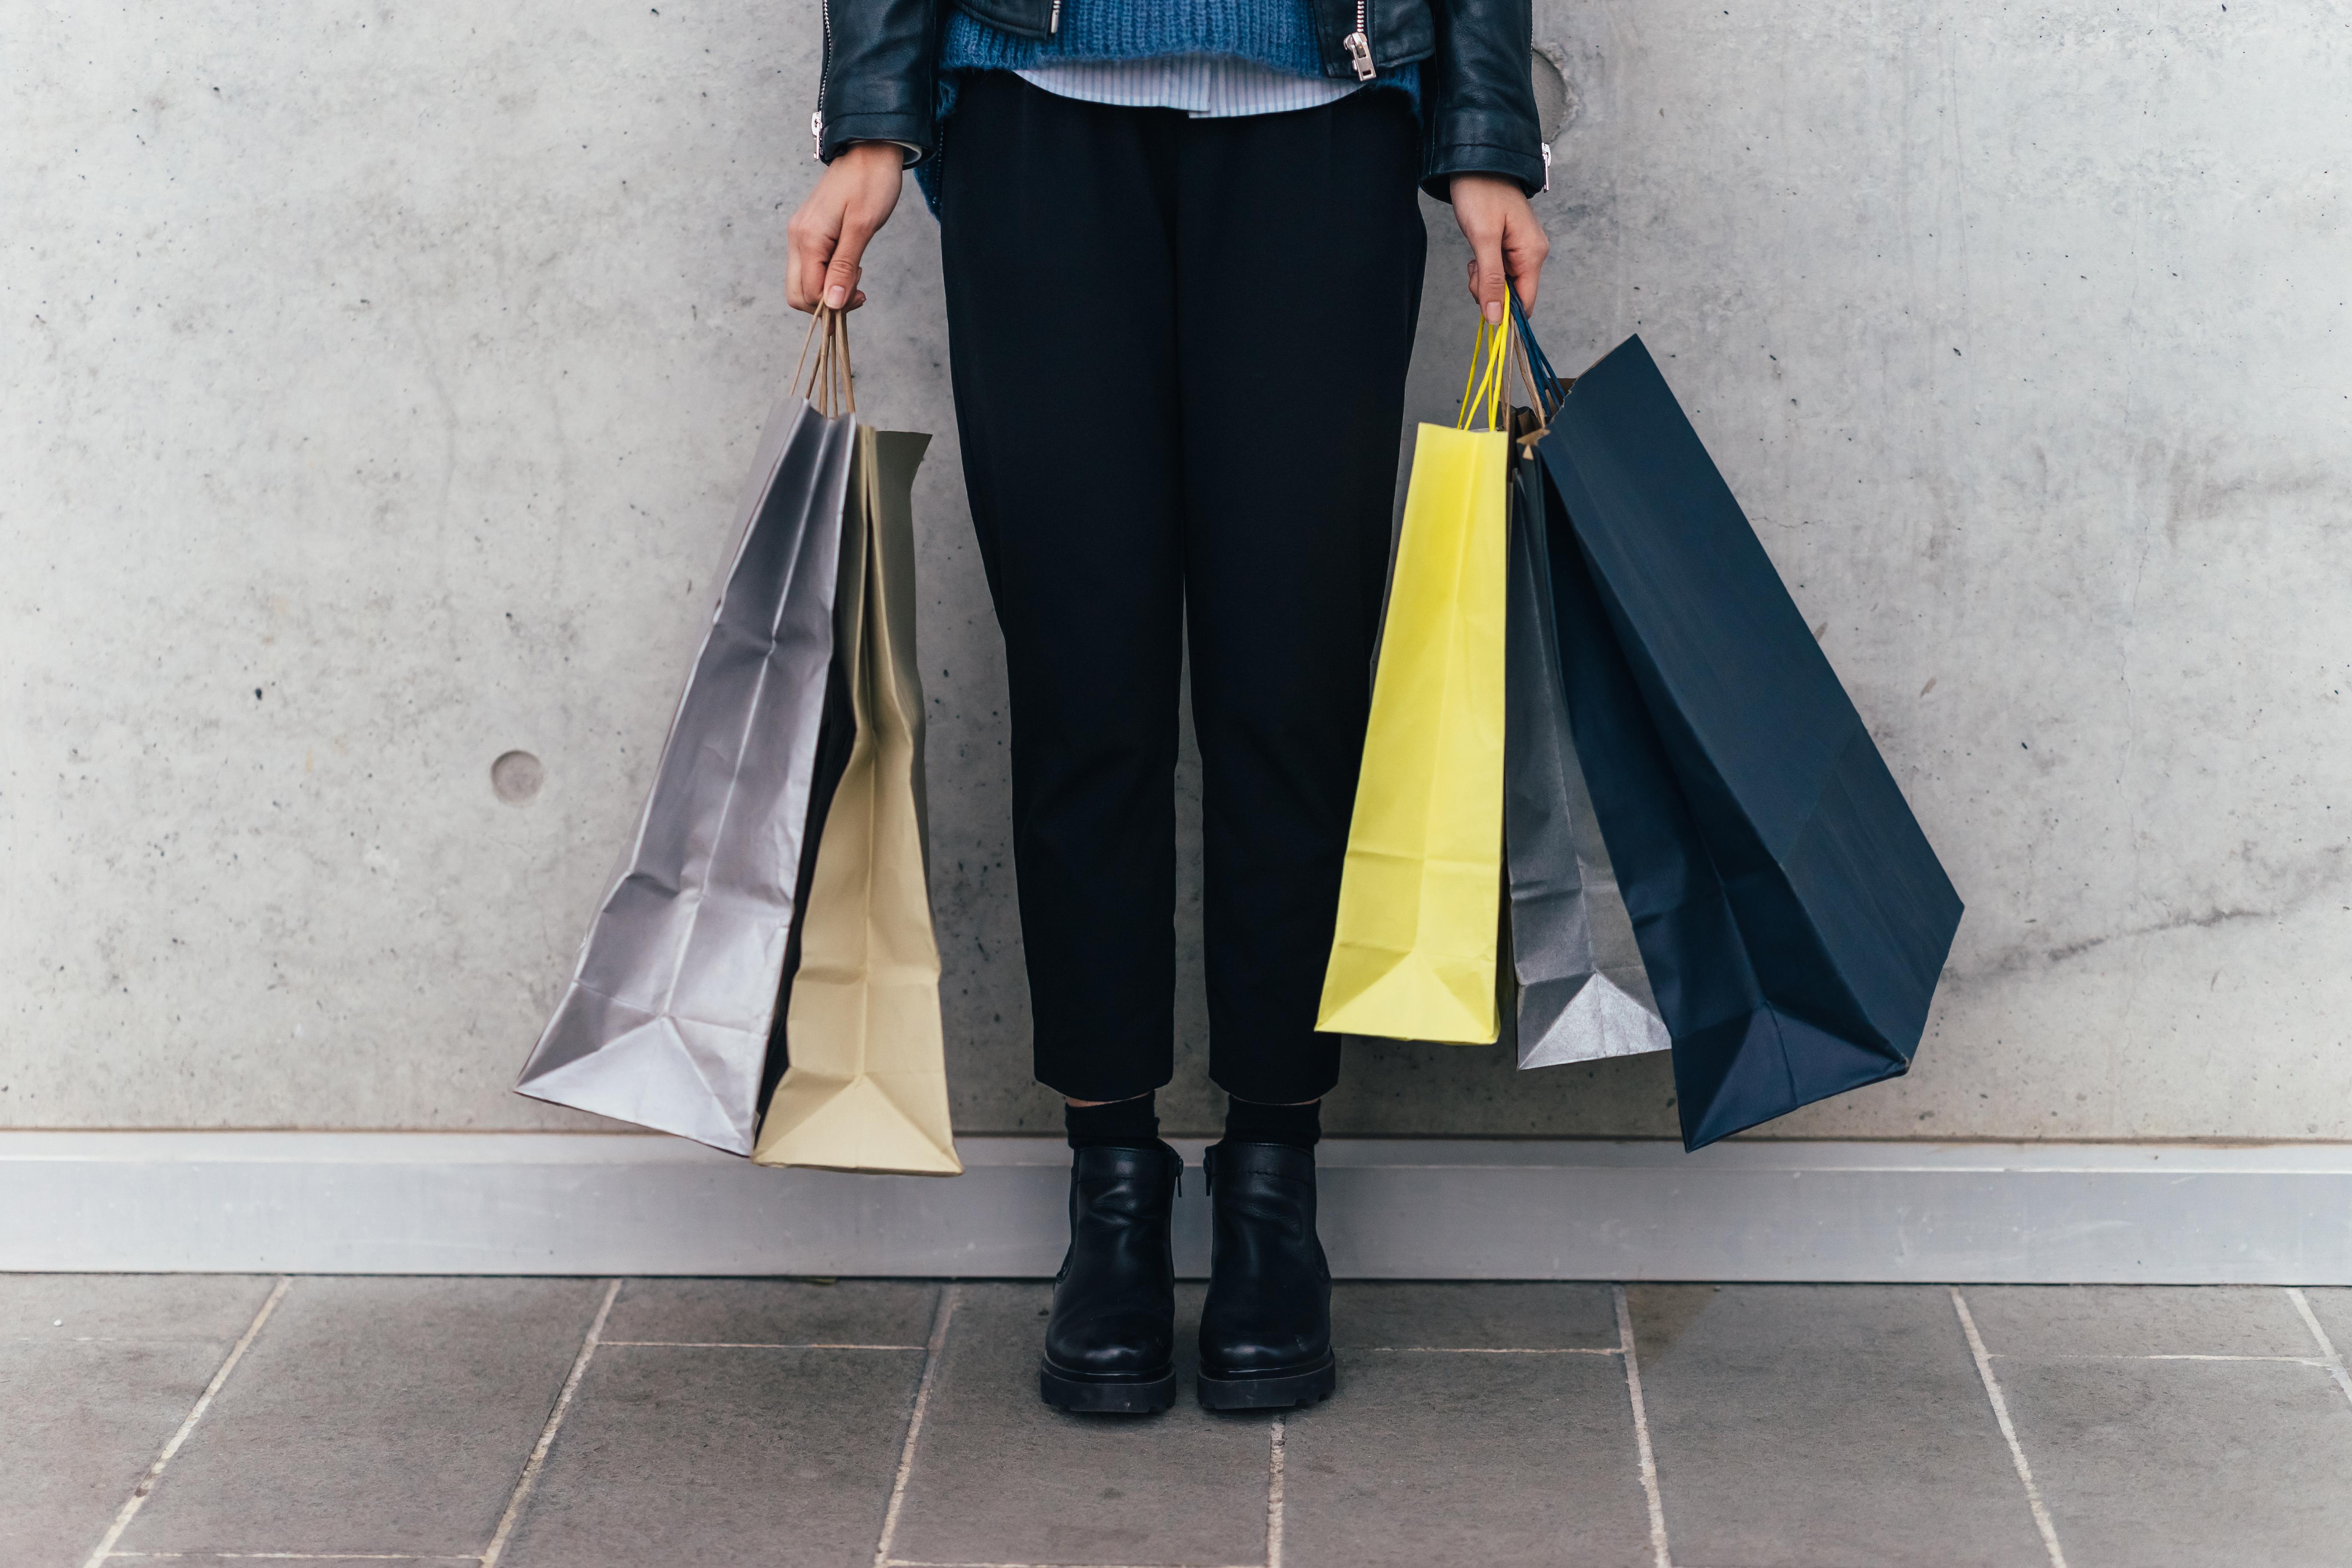 Einzelhandelsimmobilien: Ladenhüter oder Bestseller?